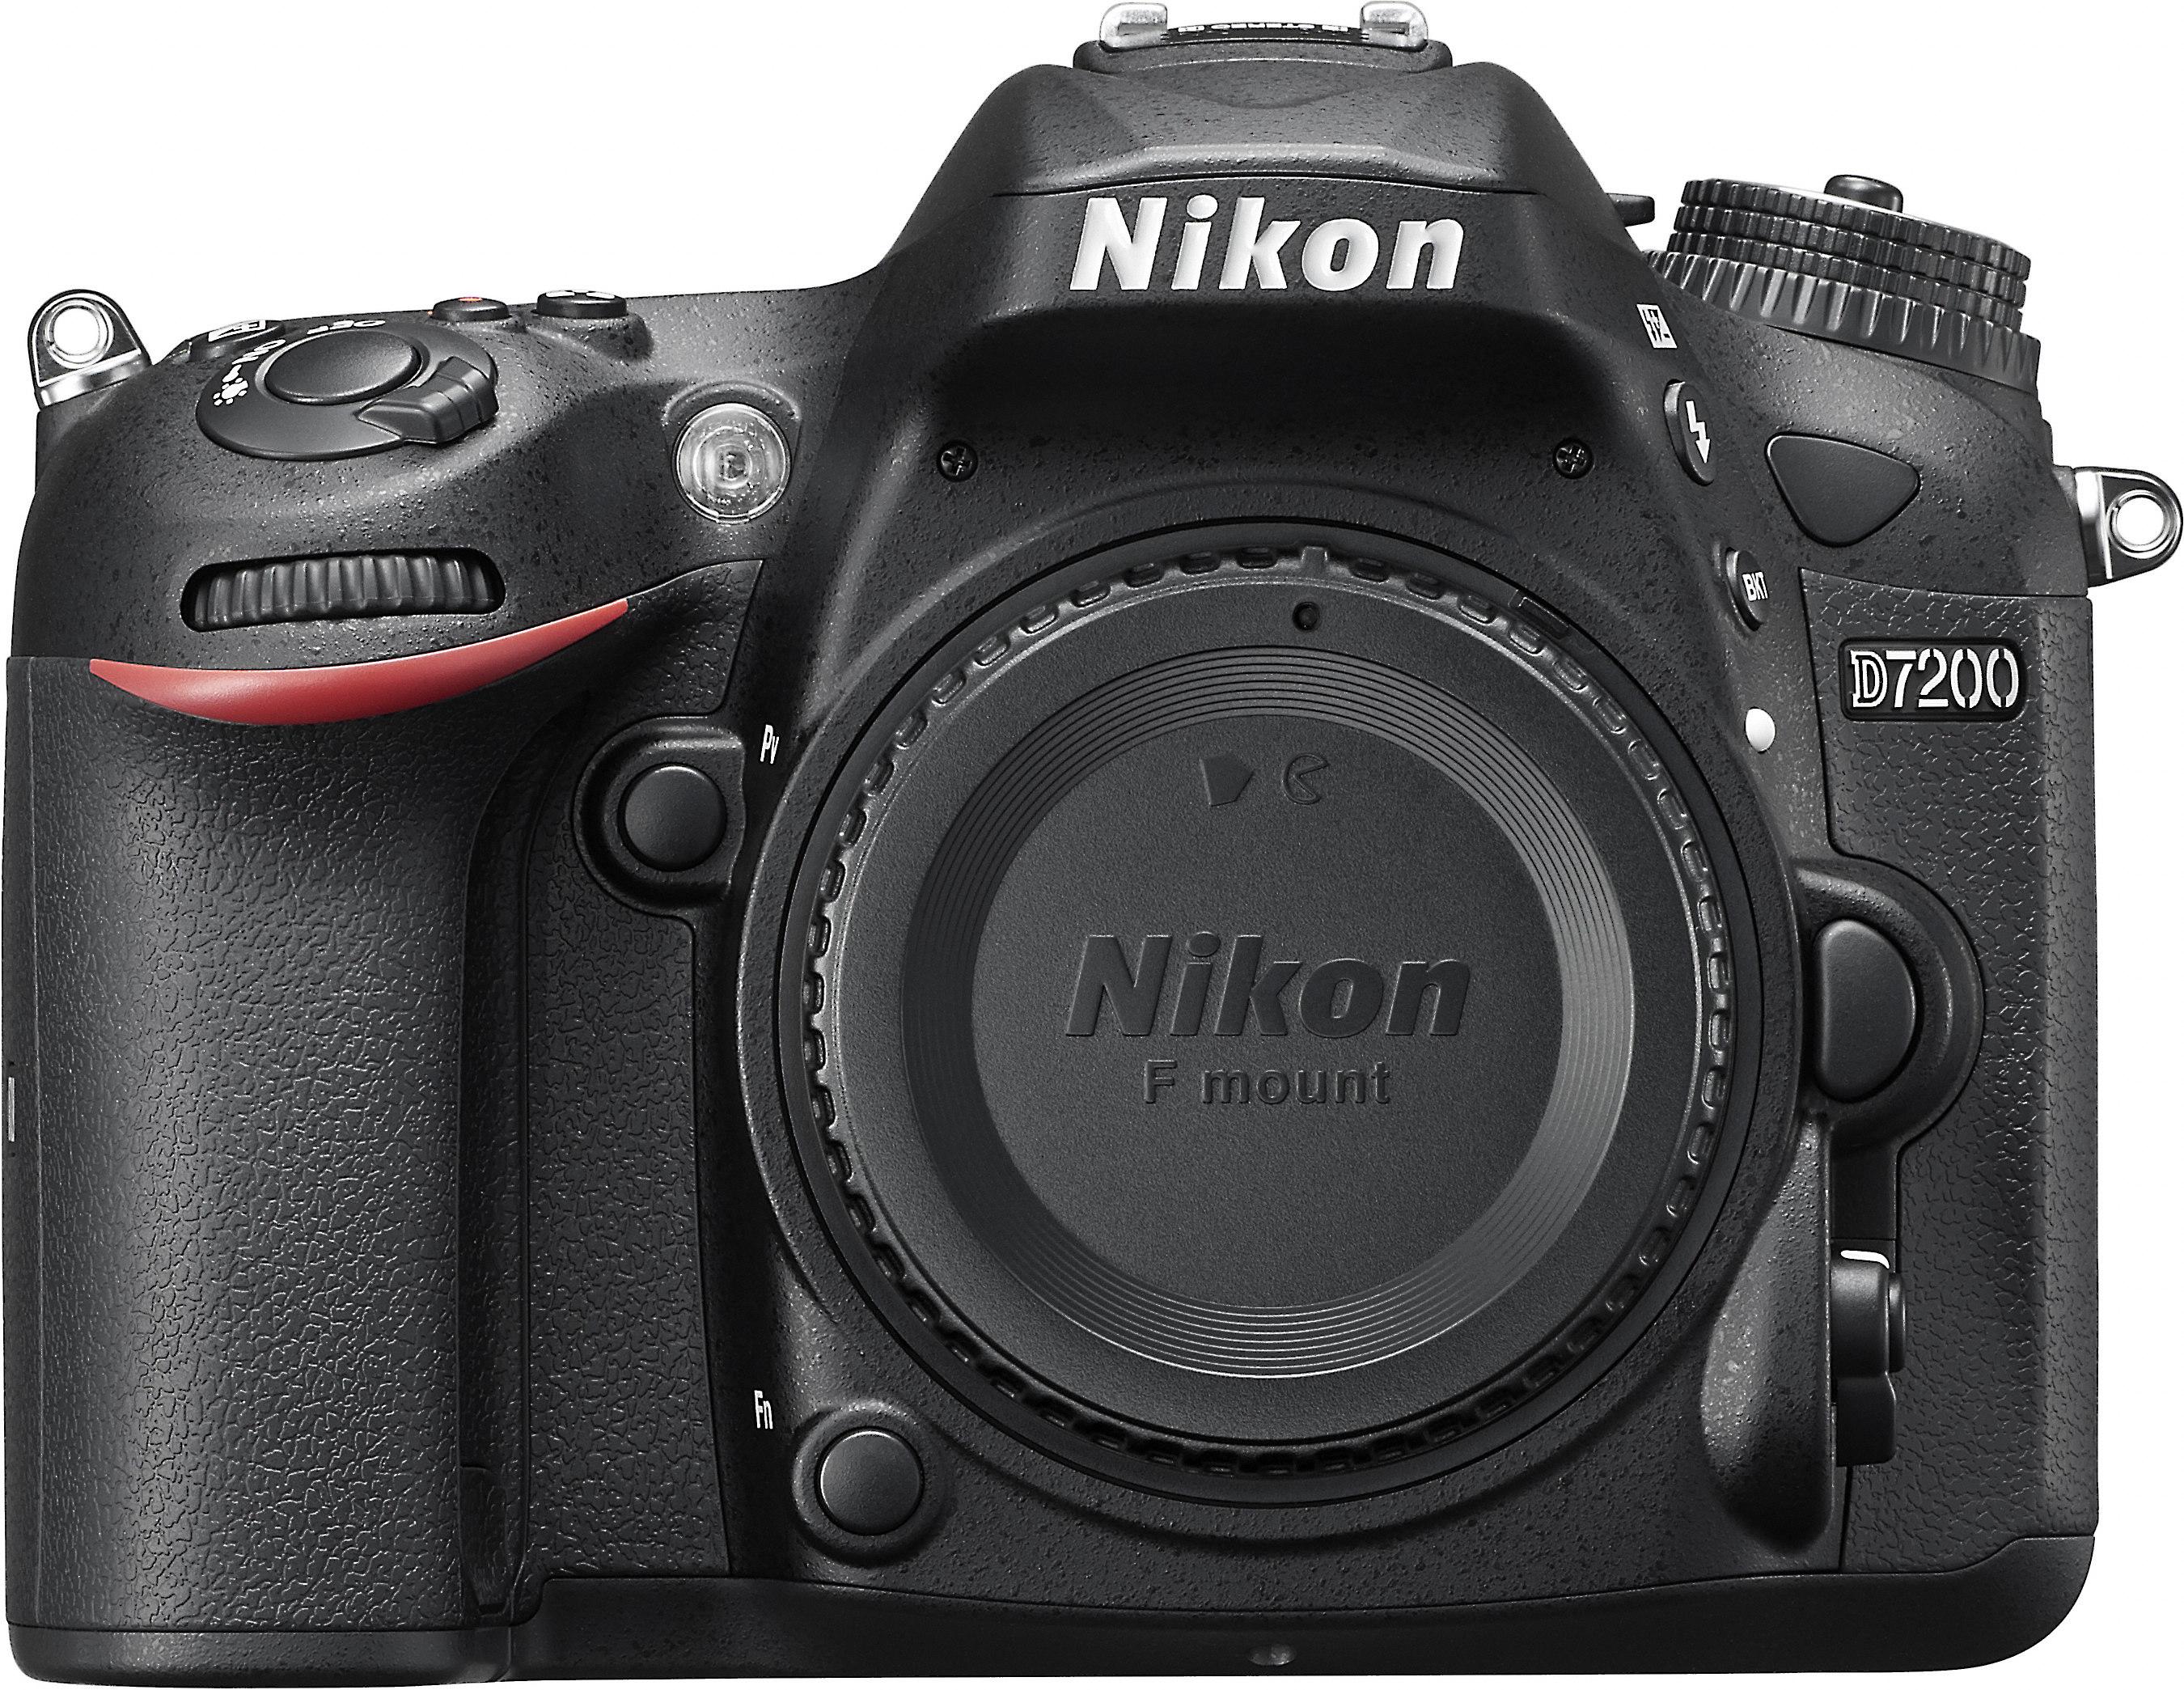 Nikon D7200 (no lens included)